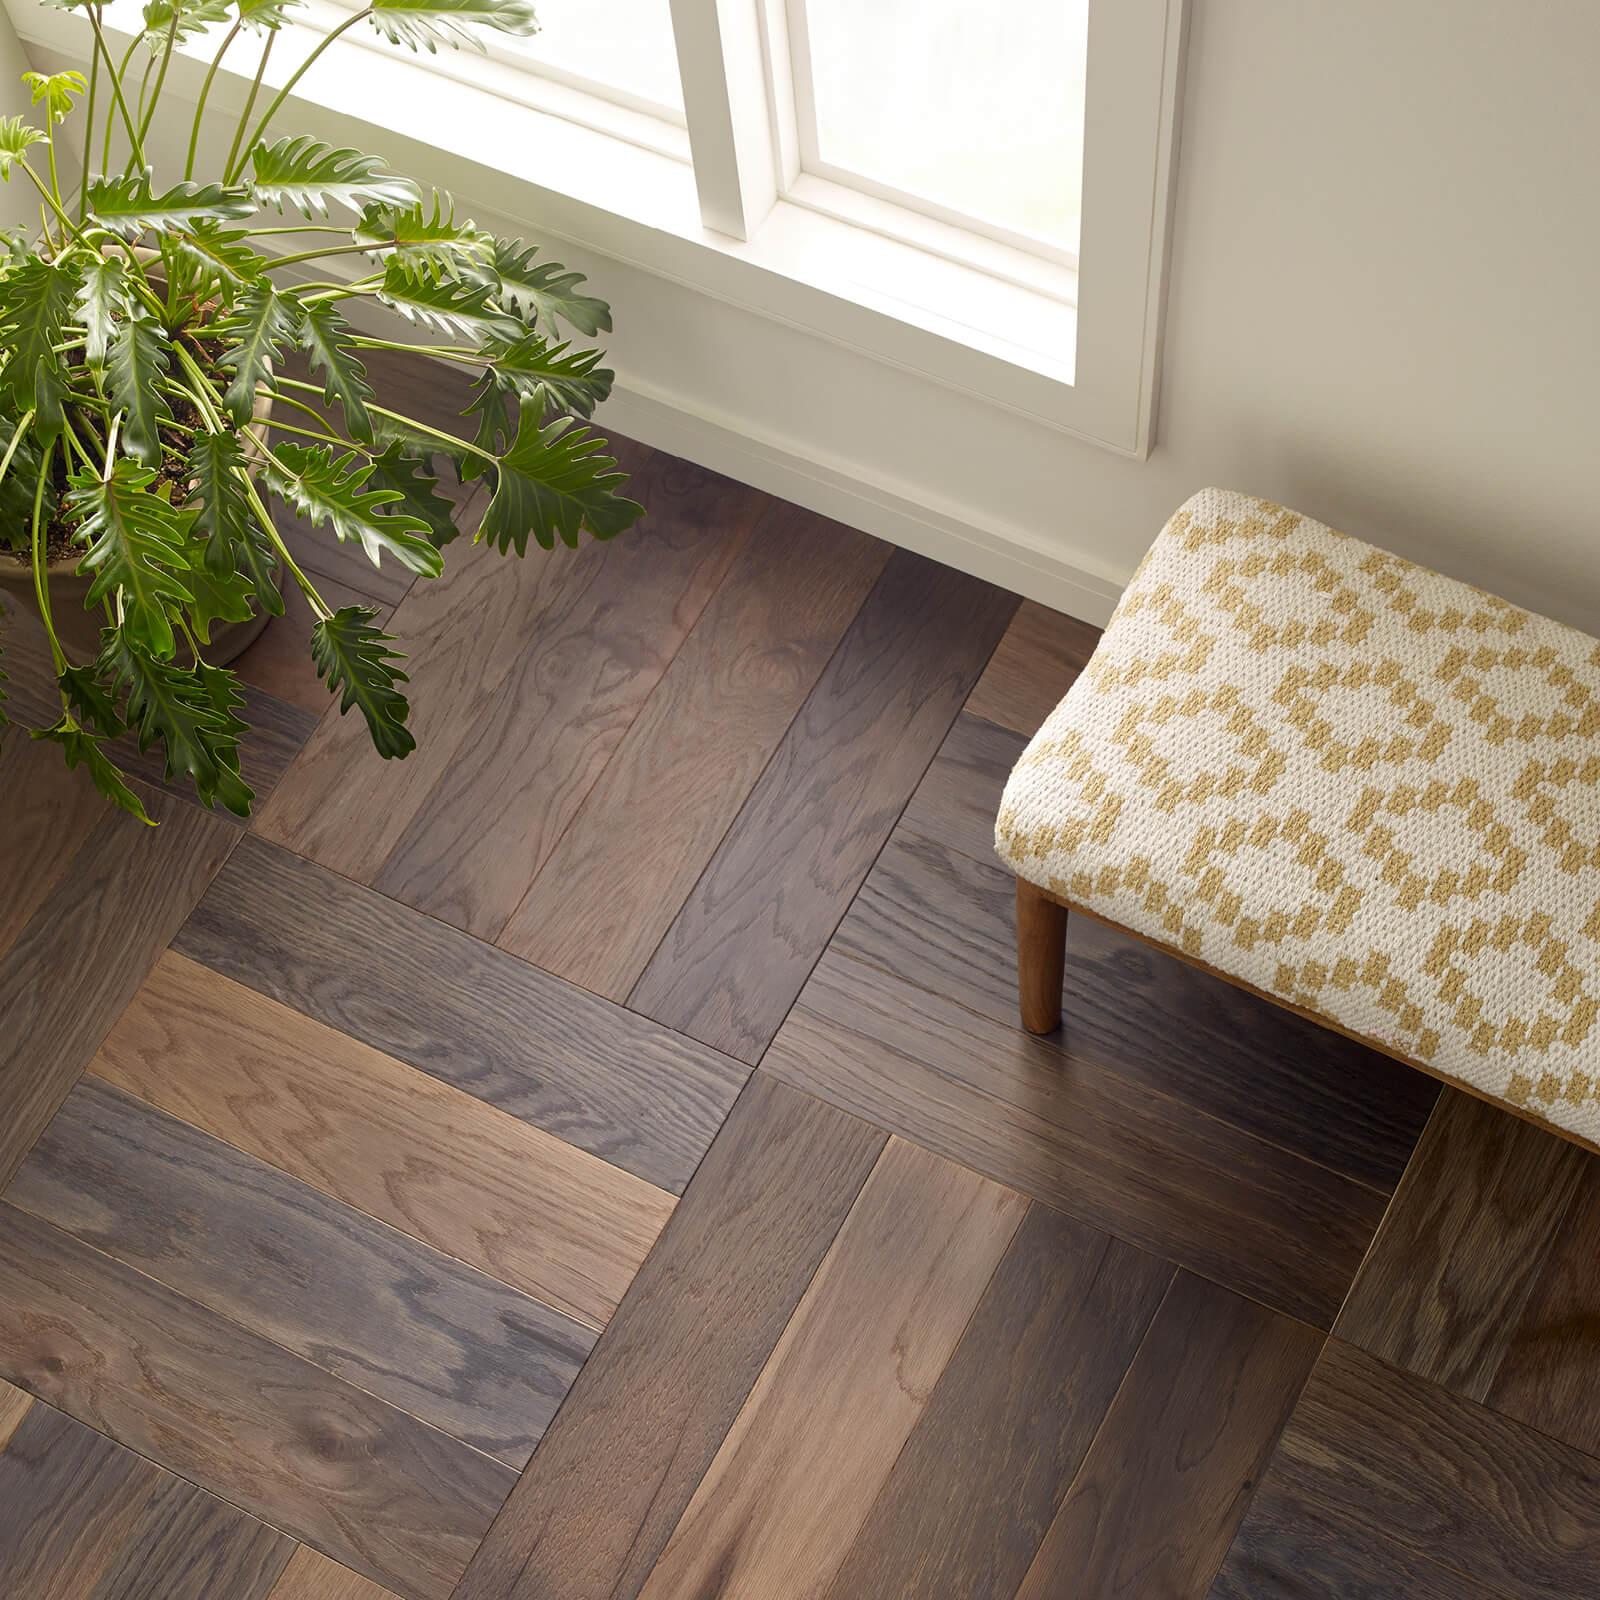 Old World Herringbone Hardwood | BMG Flooring & Tile Center